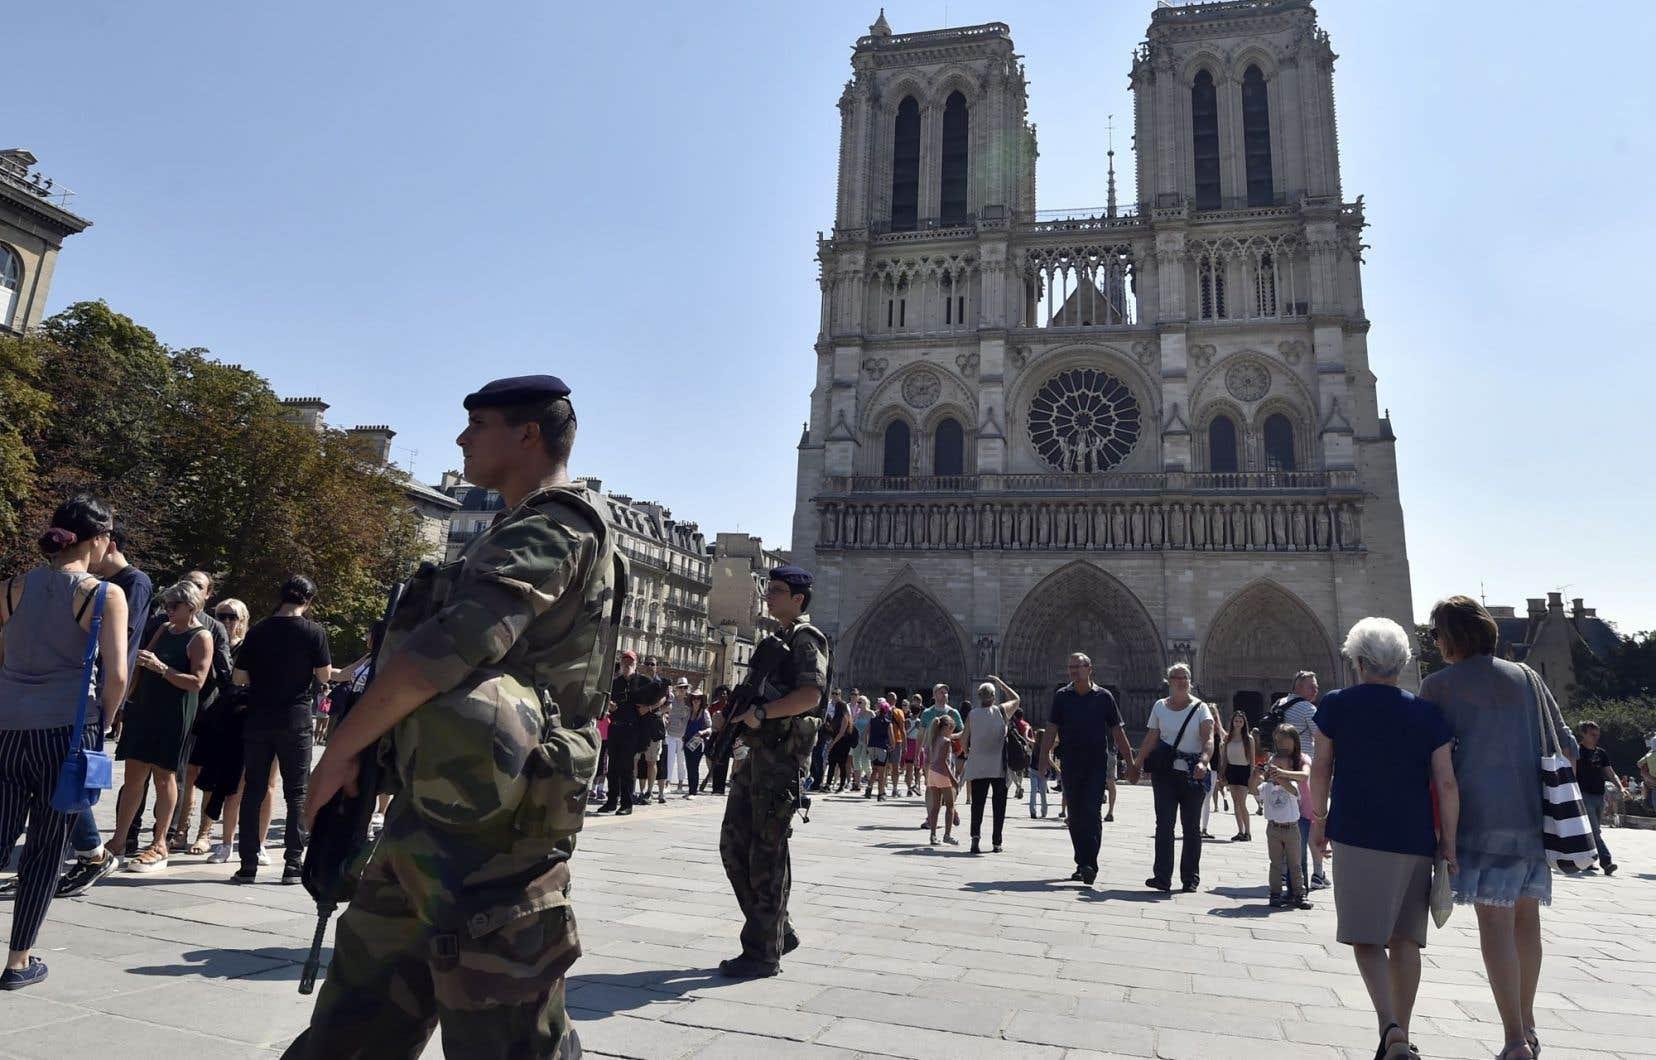 La sécurité était renforcée près de la cathédrale Notre-Dame à l'occasion de la fête de L'Assomption, en août dernier.